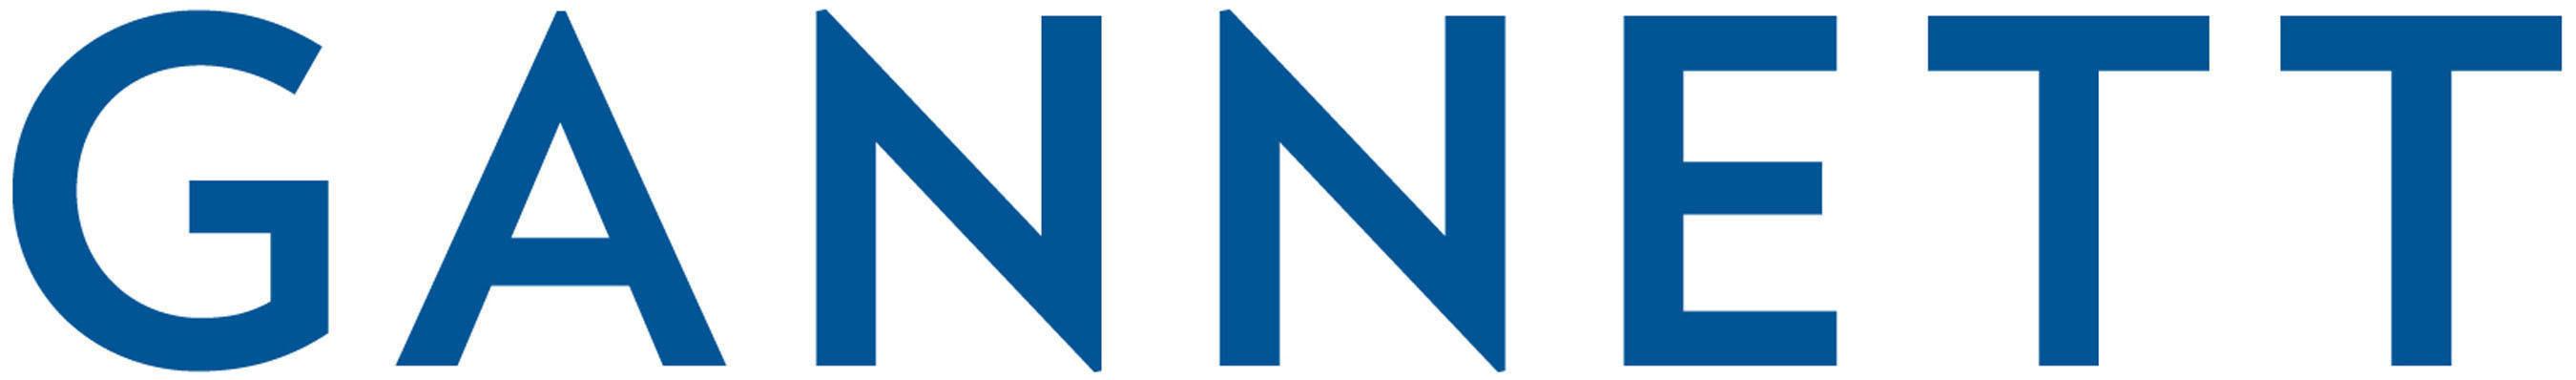 Gannett Names Ellen Crooke VP of News for Gannett Broadcasting